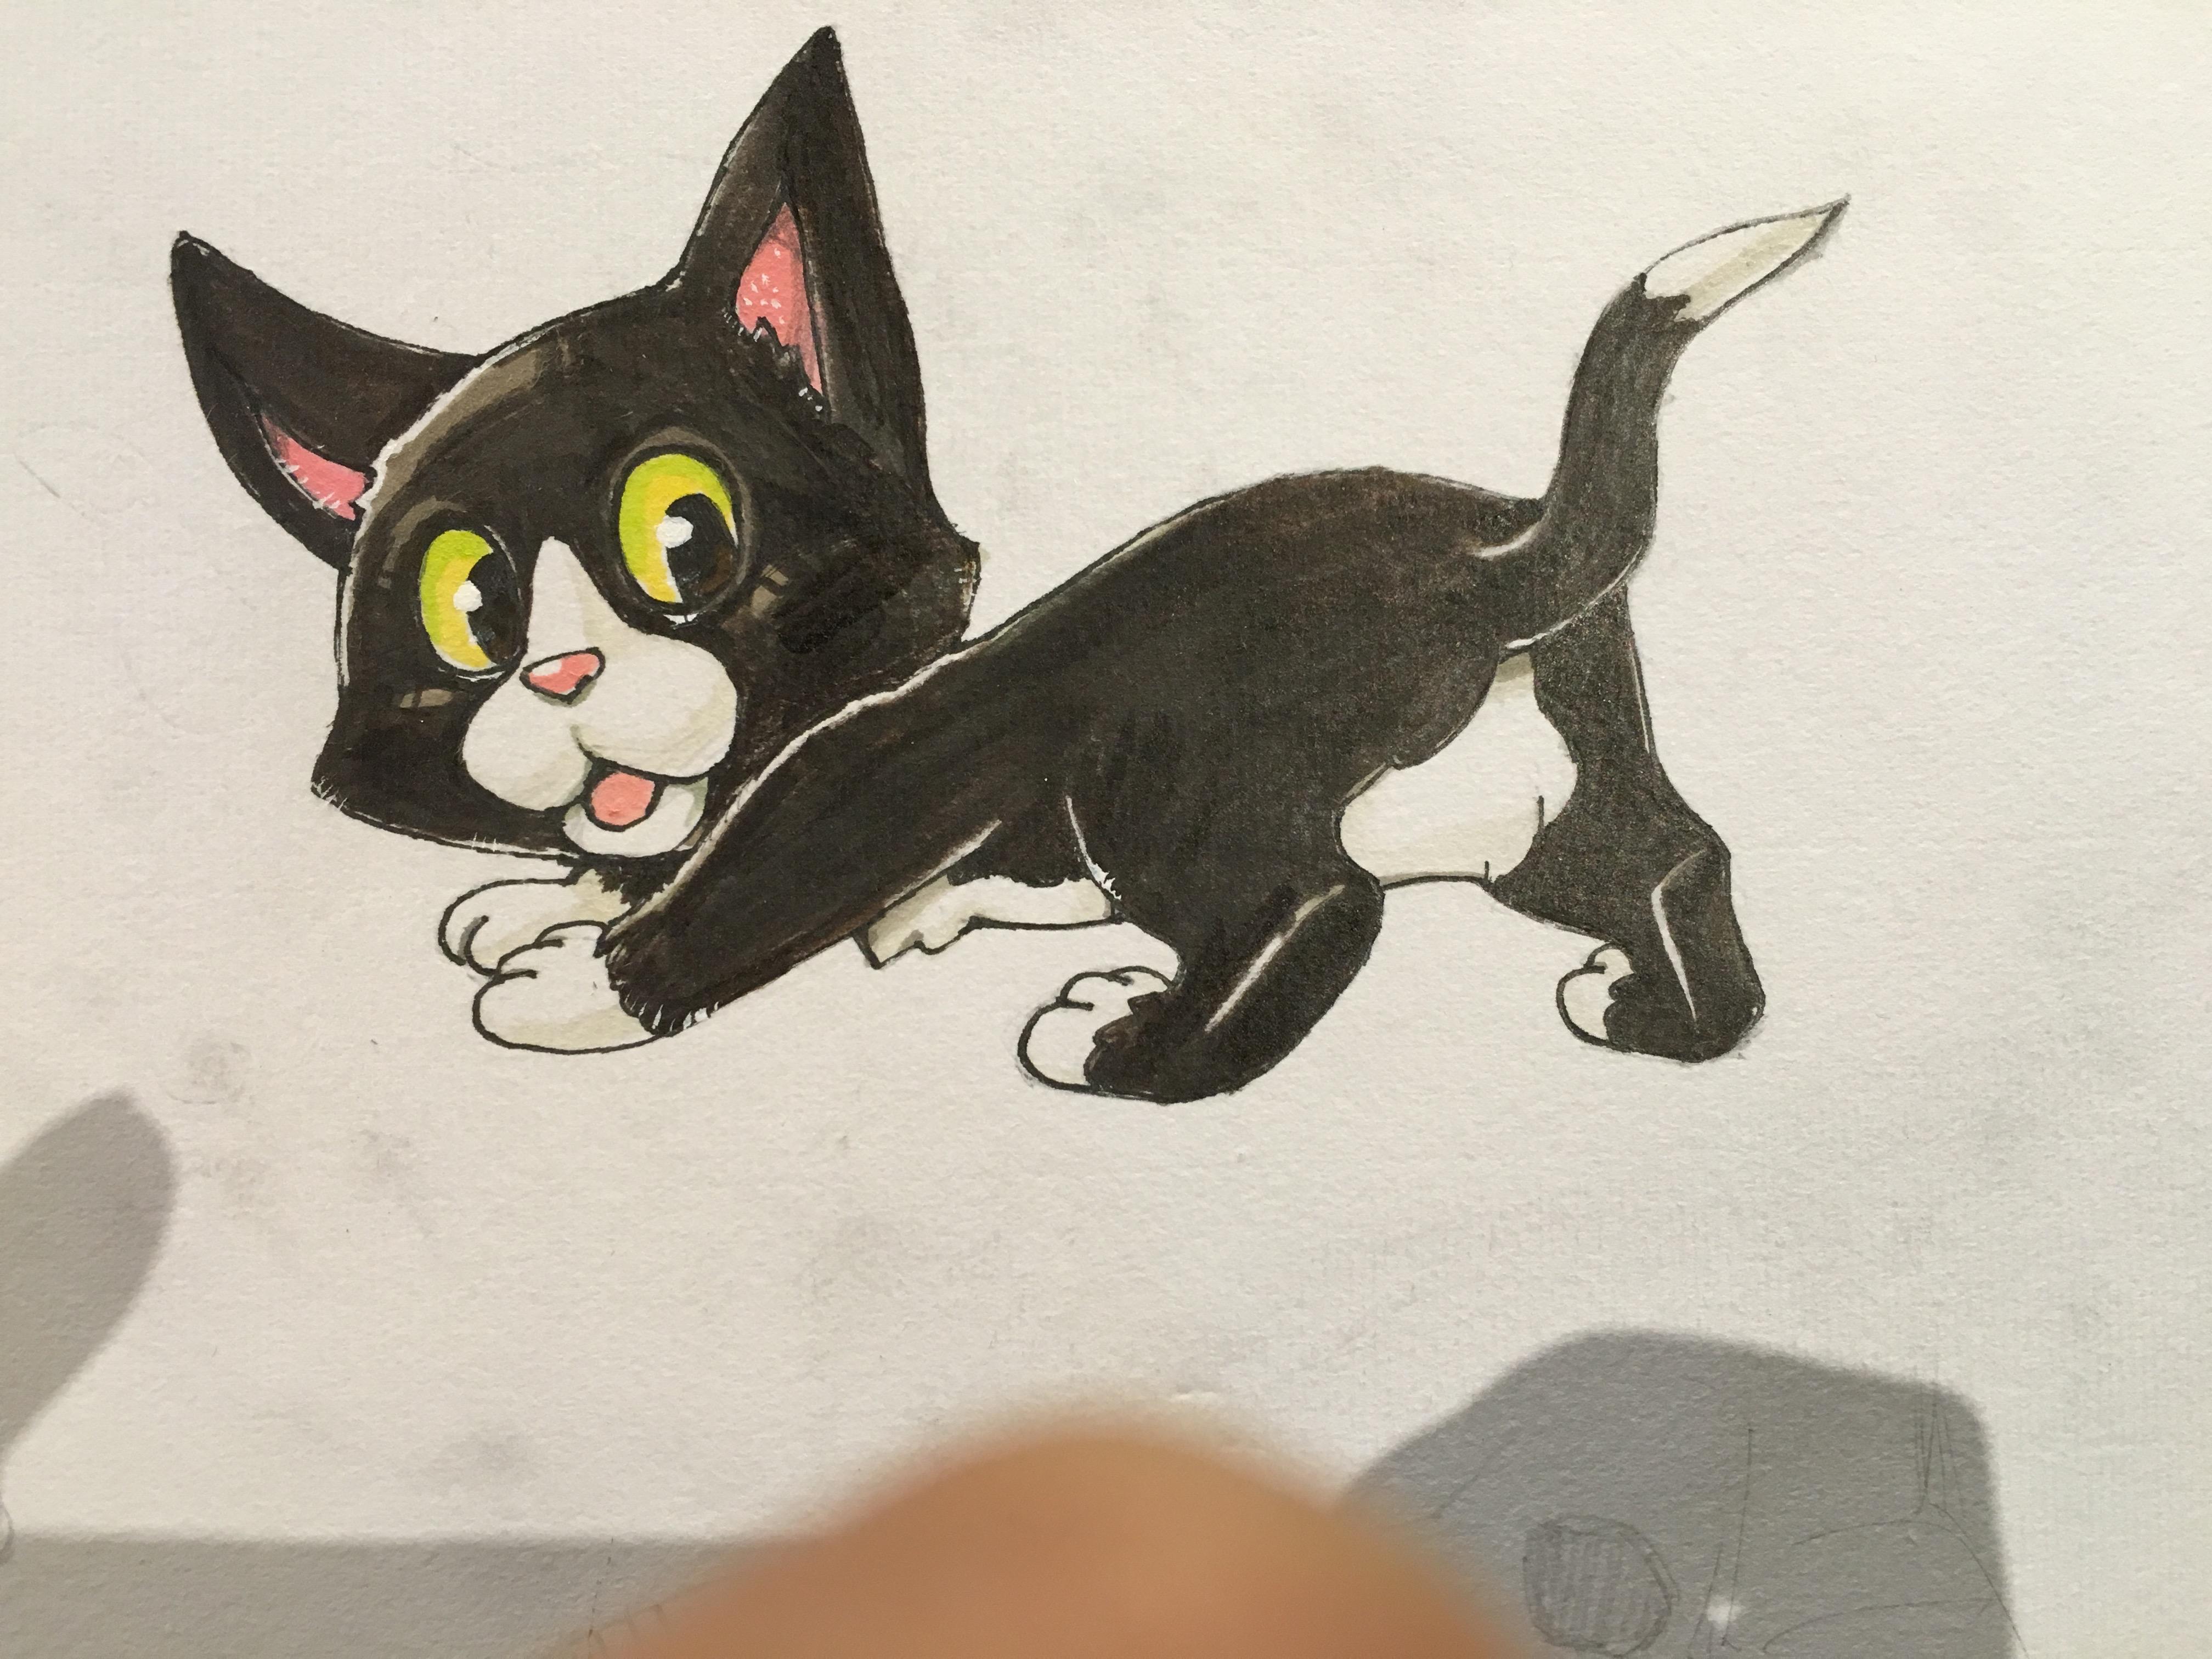 猫のペットの似顔絵の描き方。動物イラストの練習にはディズニーを参考